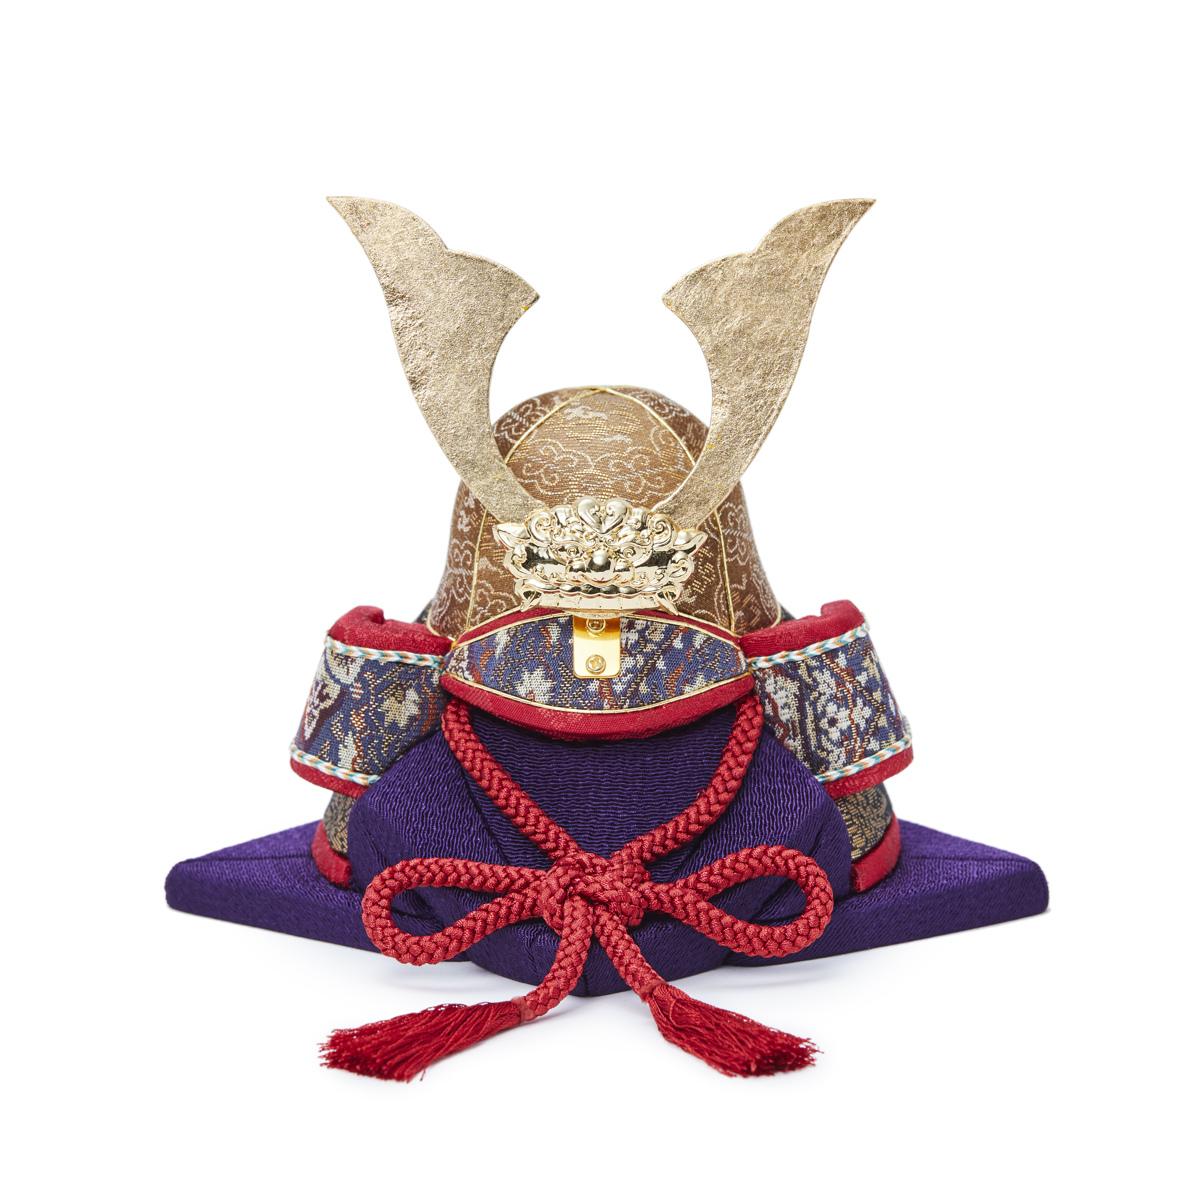 毎年の幸せを願う「五月人形」|《六角形・小》6つの日本伝統工芸をコンパクトにした、木目込の「プレミアム兜飾り」 | 宝輝